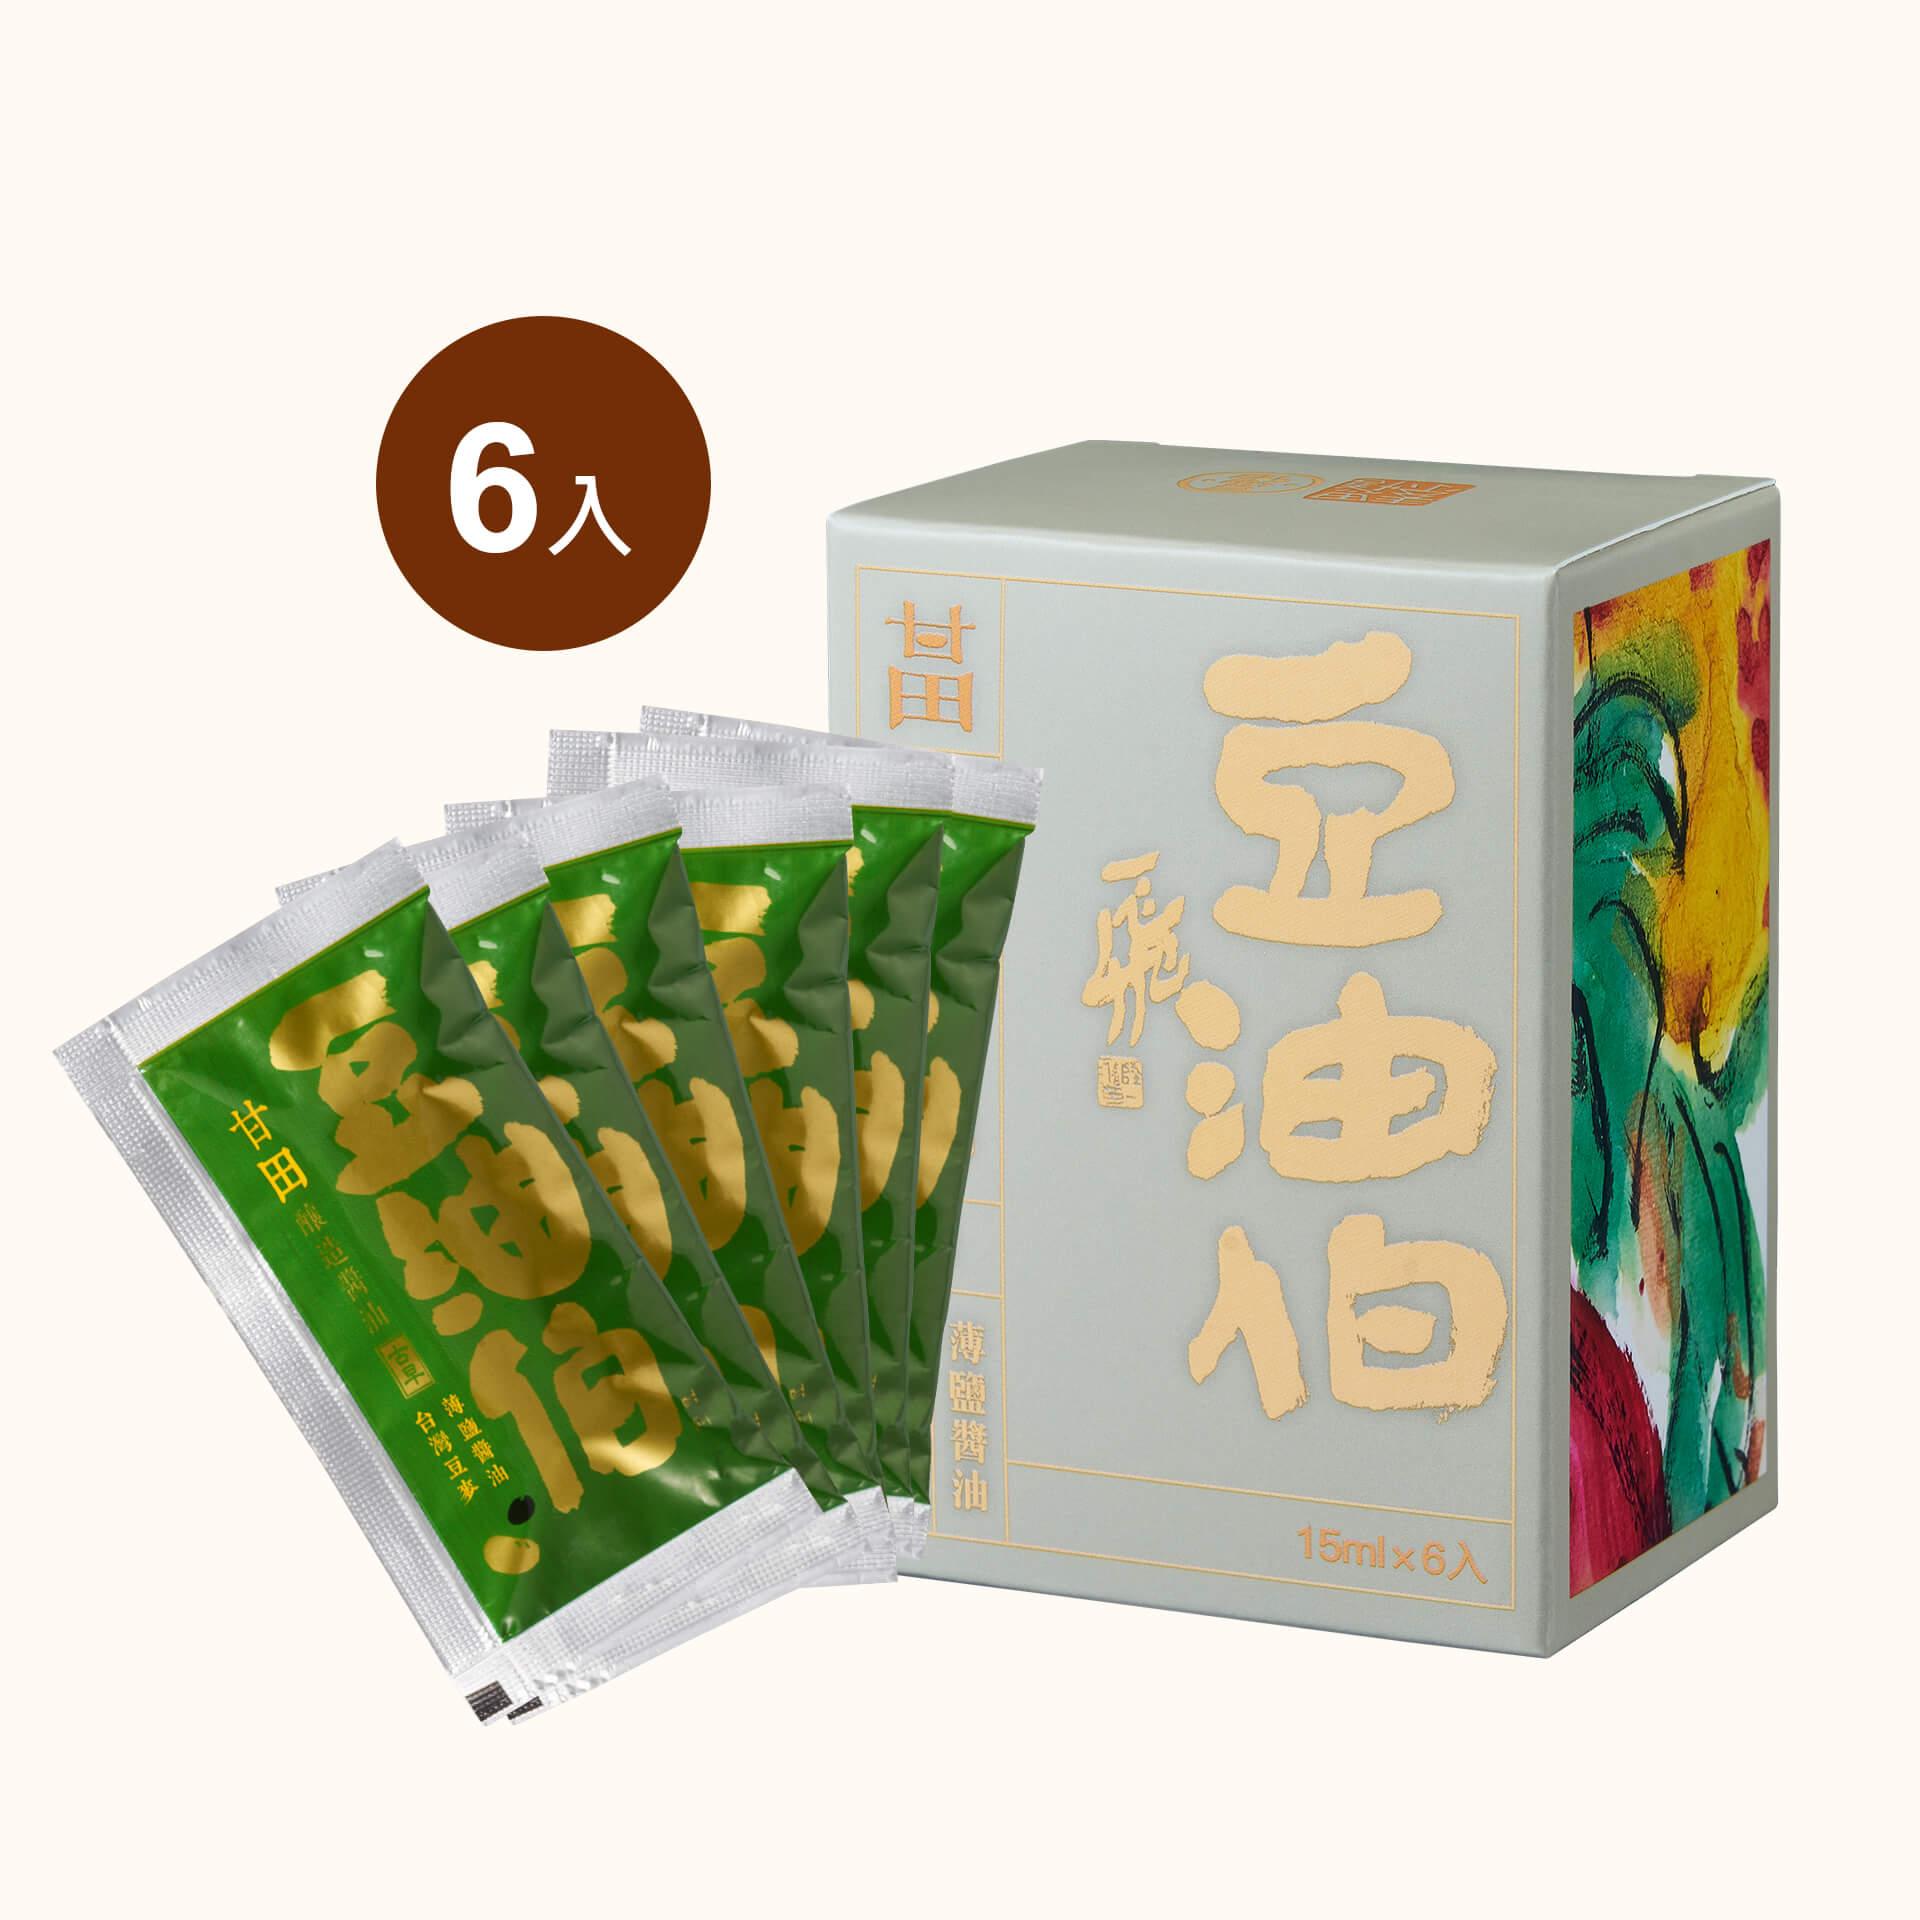 豆油伯甘田釀造醬油(6入隨身包)有效:20220518